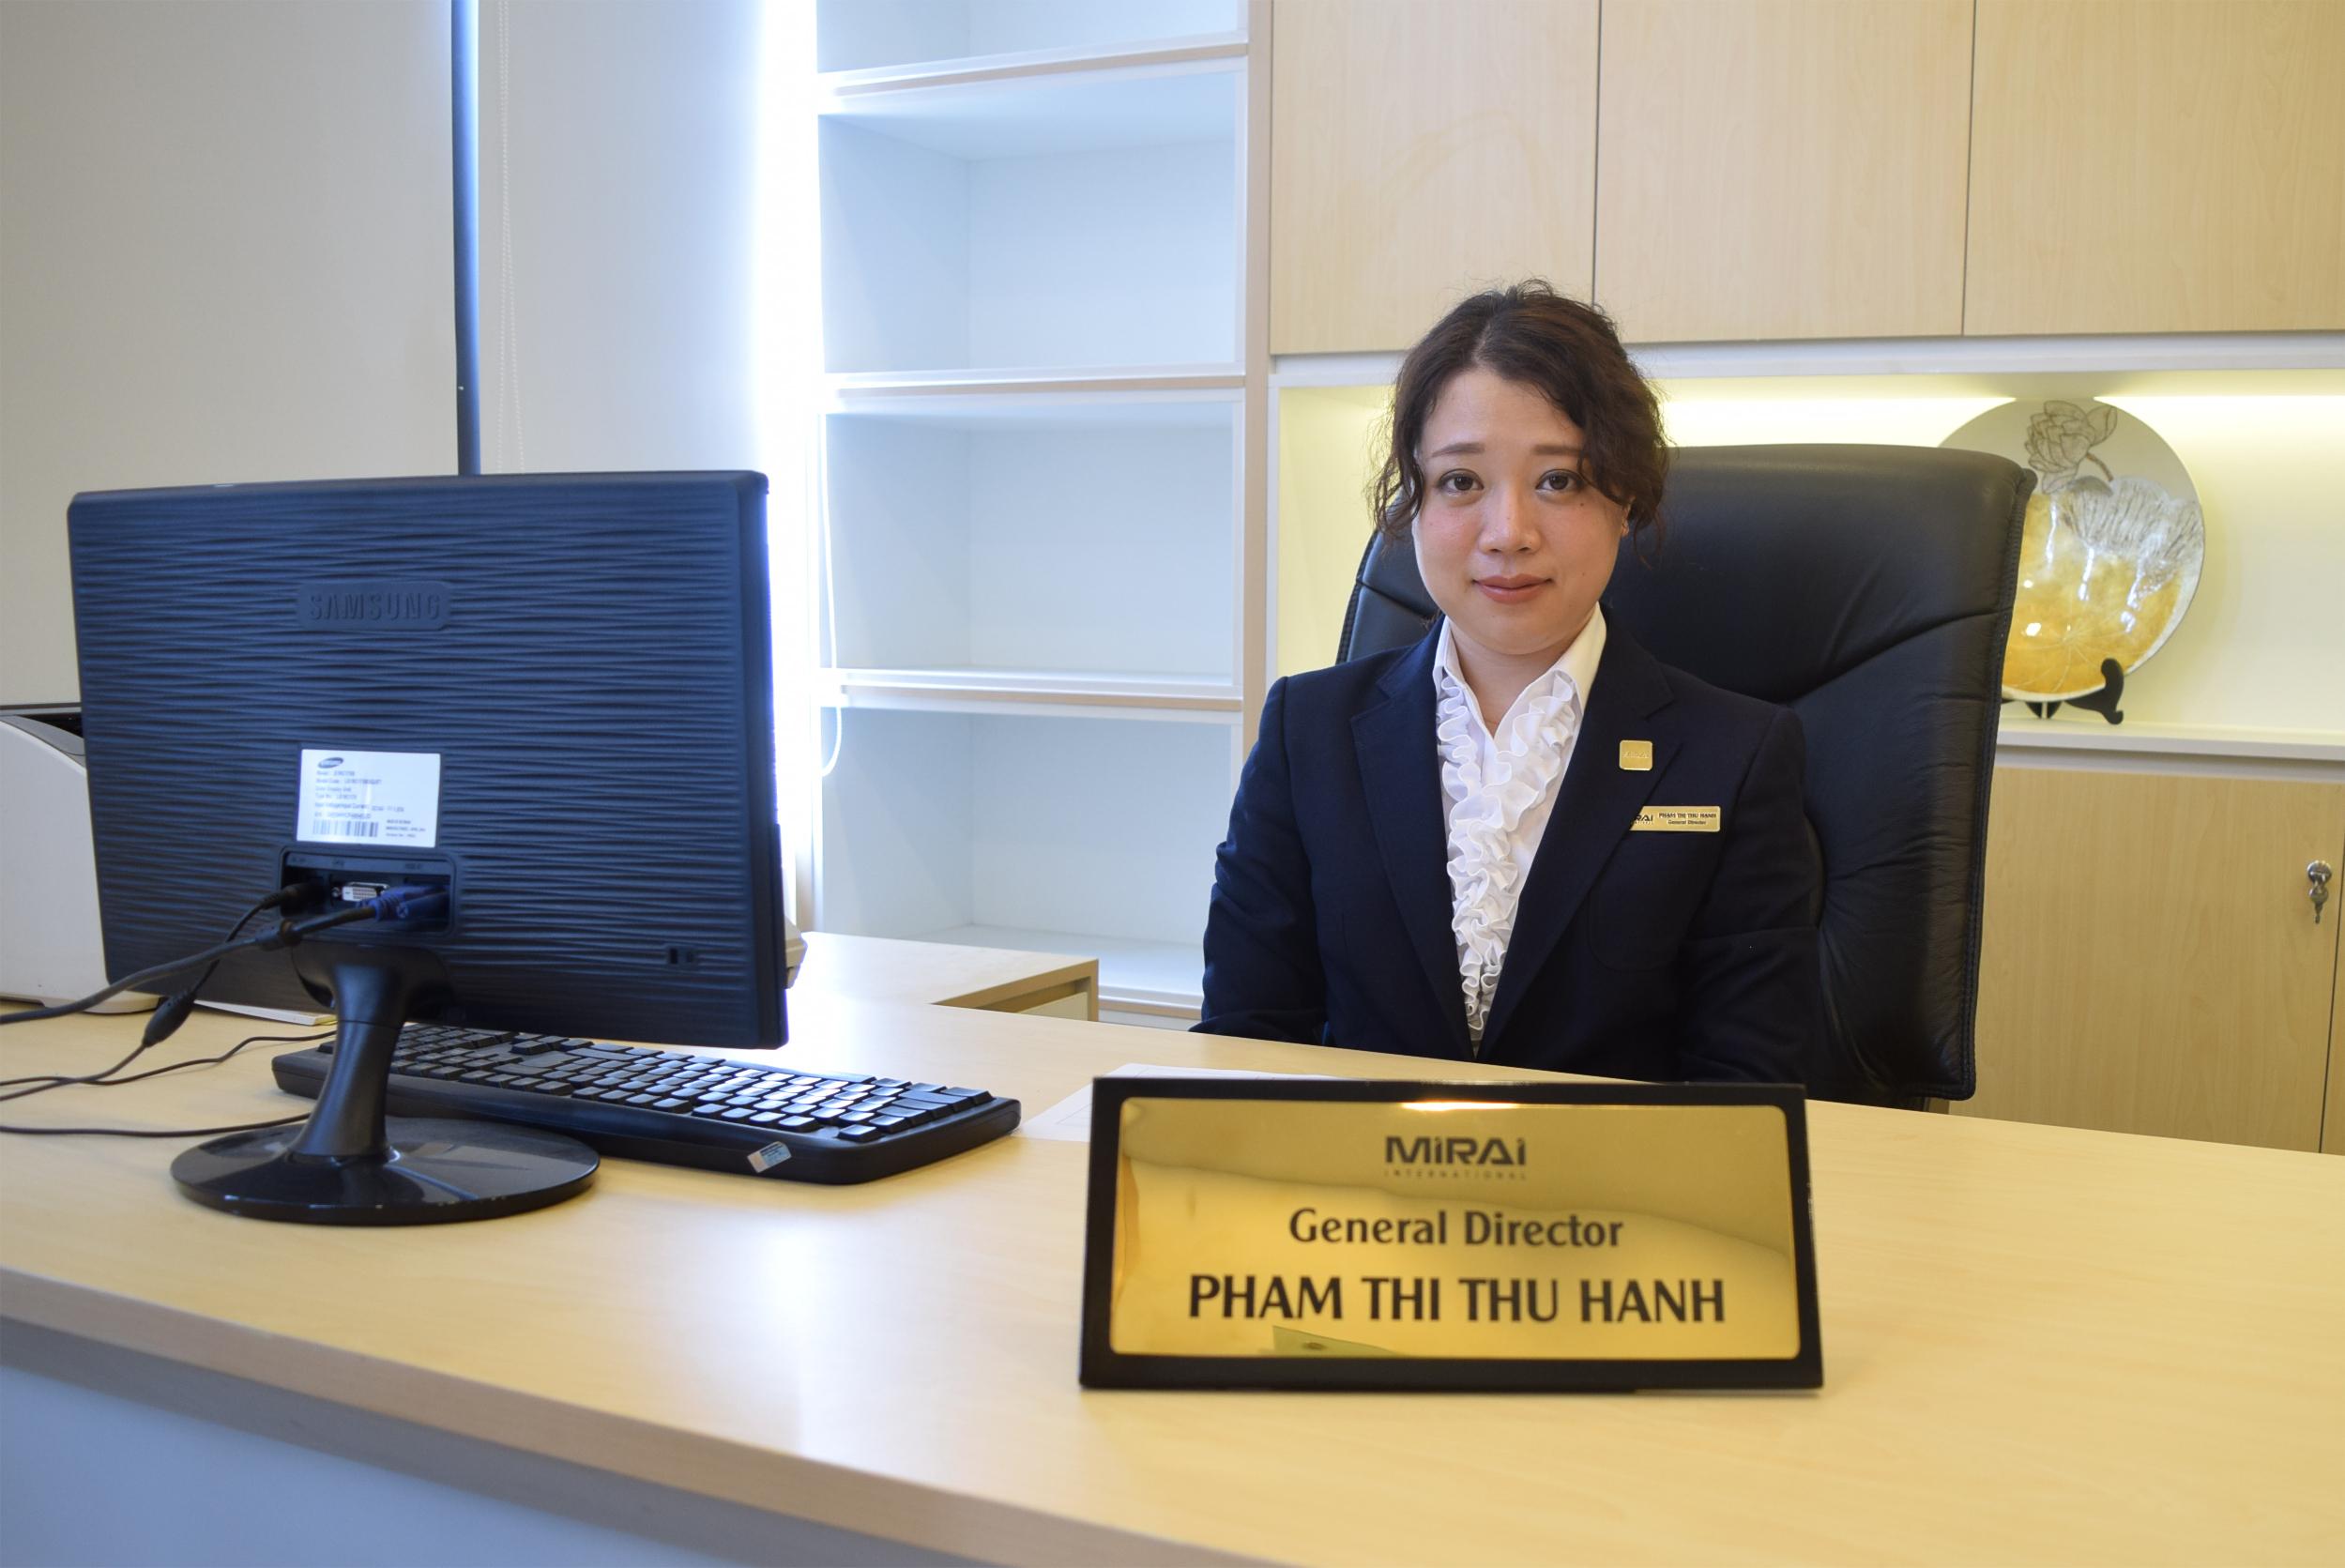 代表取締役社長ファム ティ トゥ ハイン